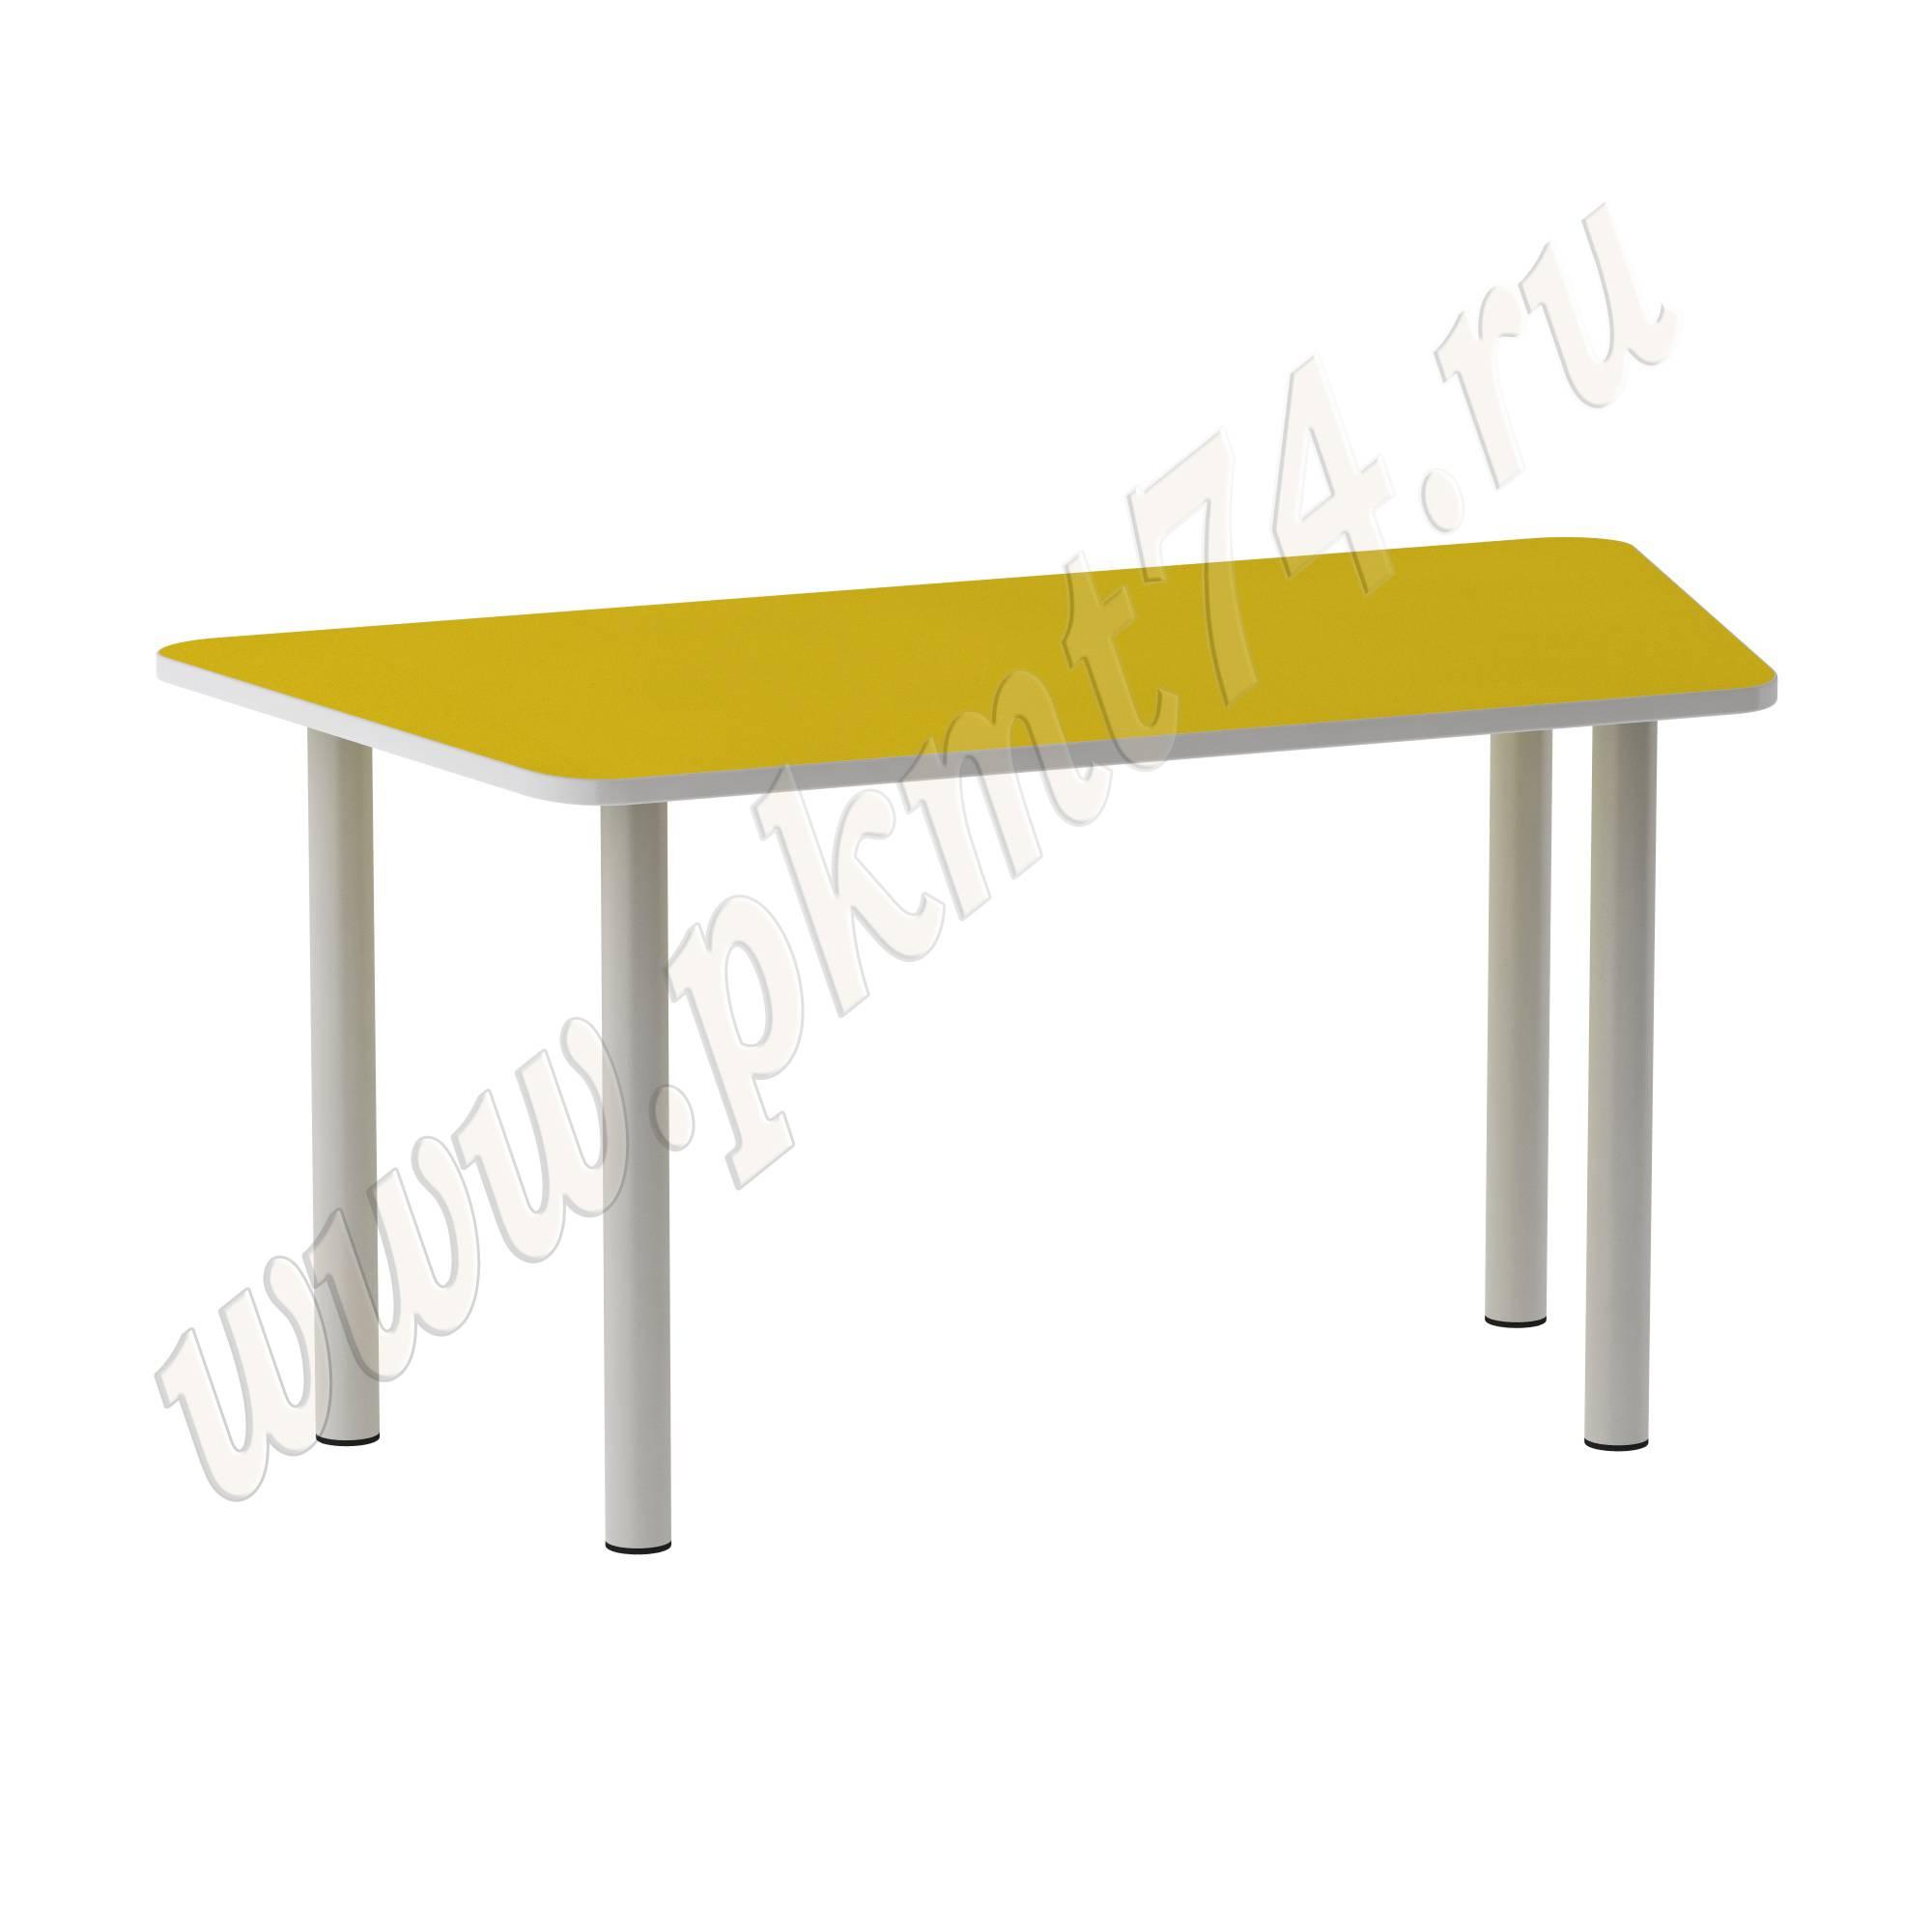 Стол на опорах из круглой трубы Трапеция [Цвет на выбор:: Желтый]